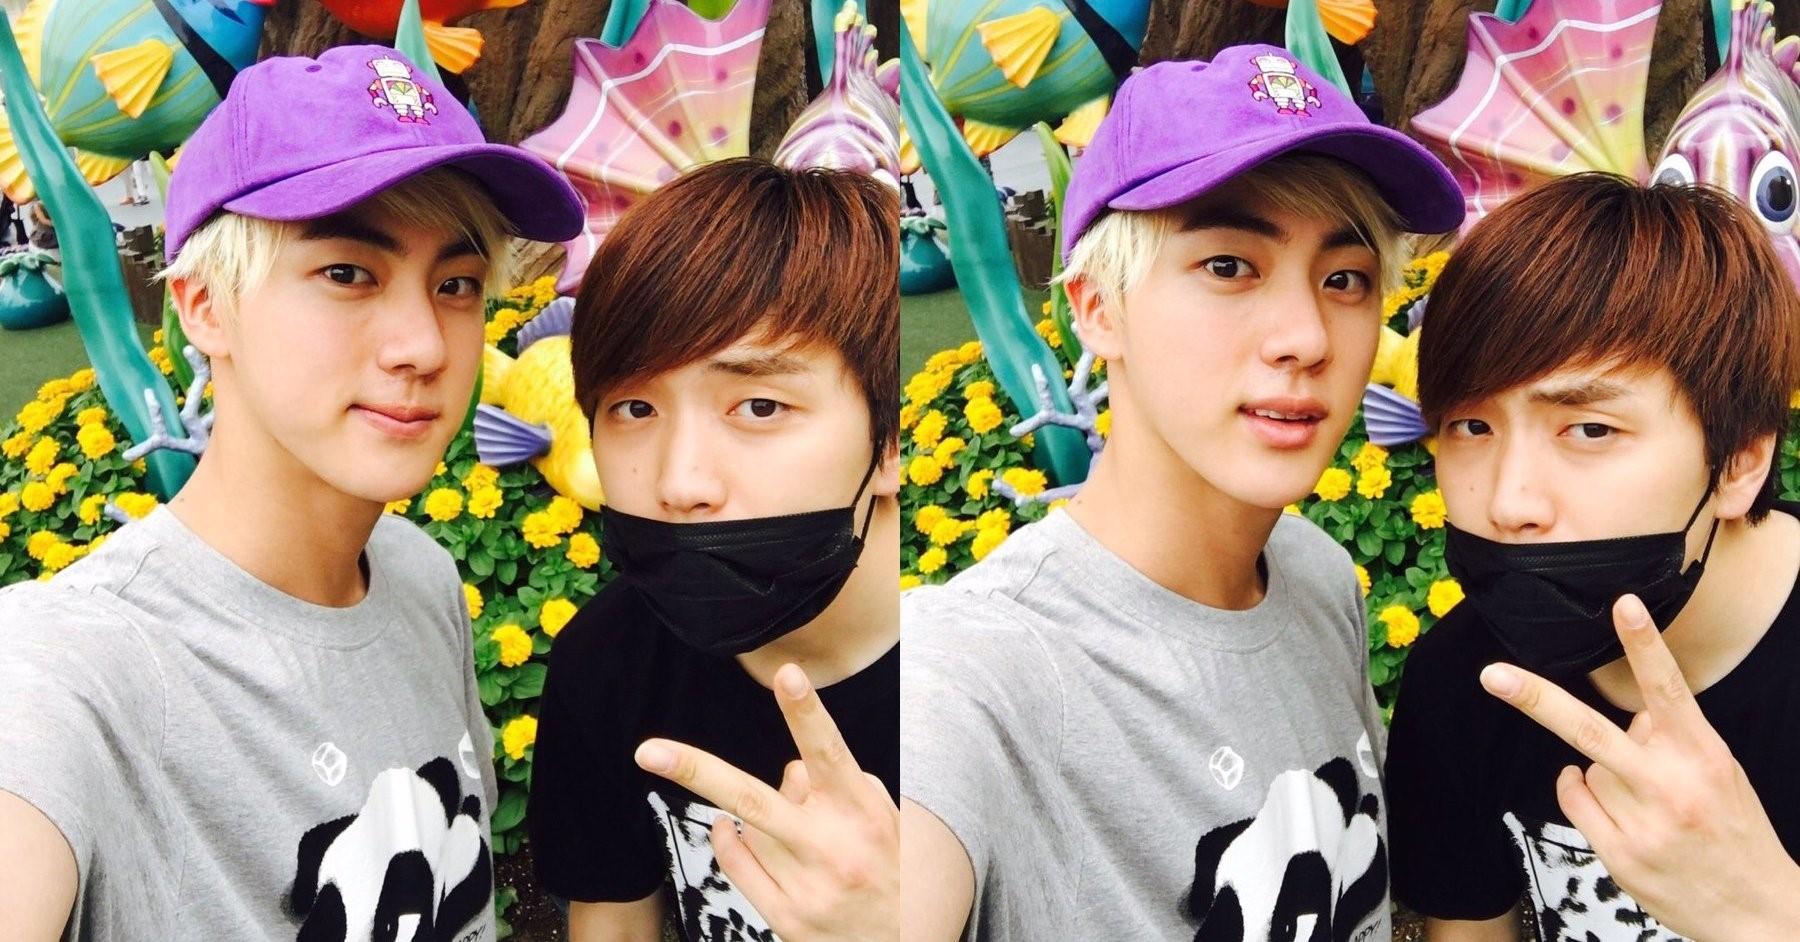 Những tình anh em trong giới giải trí Hàn Quốc khiến fan đẩy thuyền đam mỹ mê mệt (P.2) - Ảnh 21.